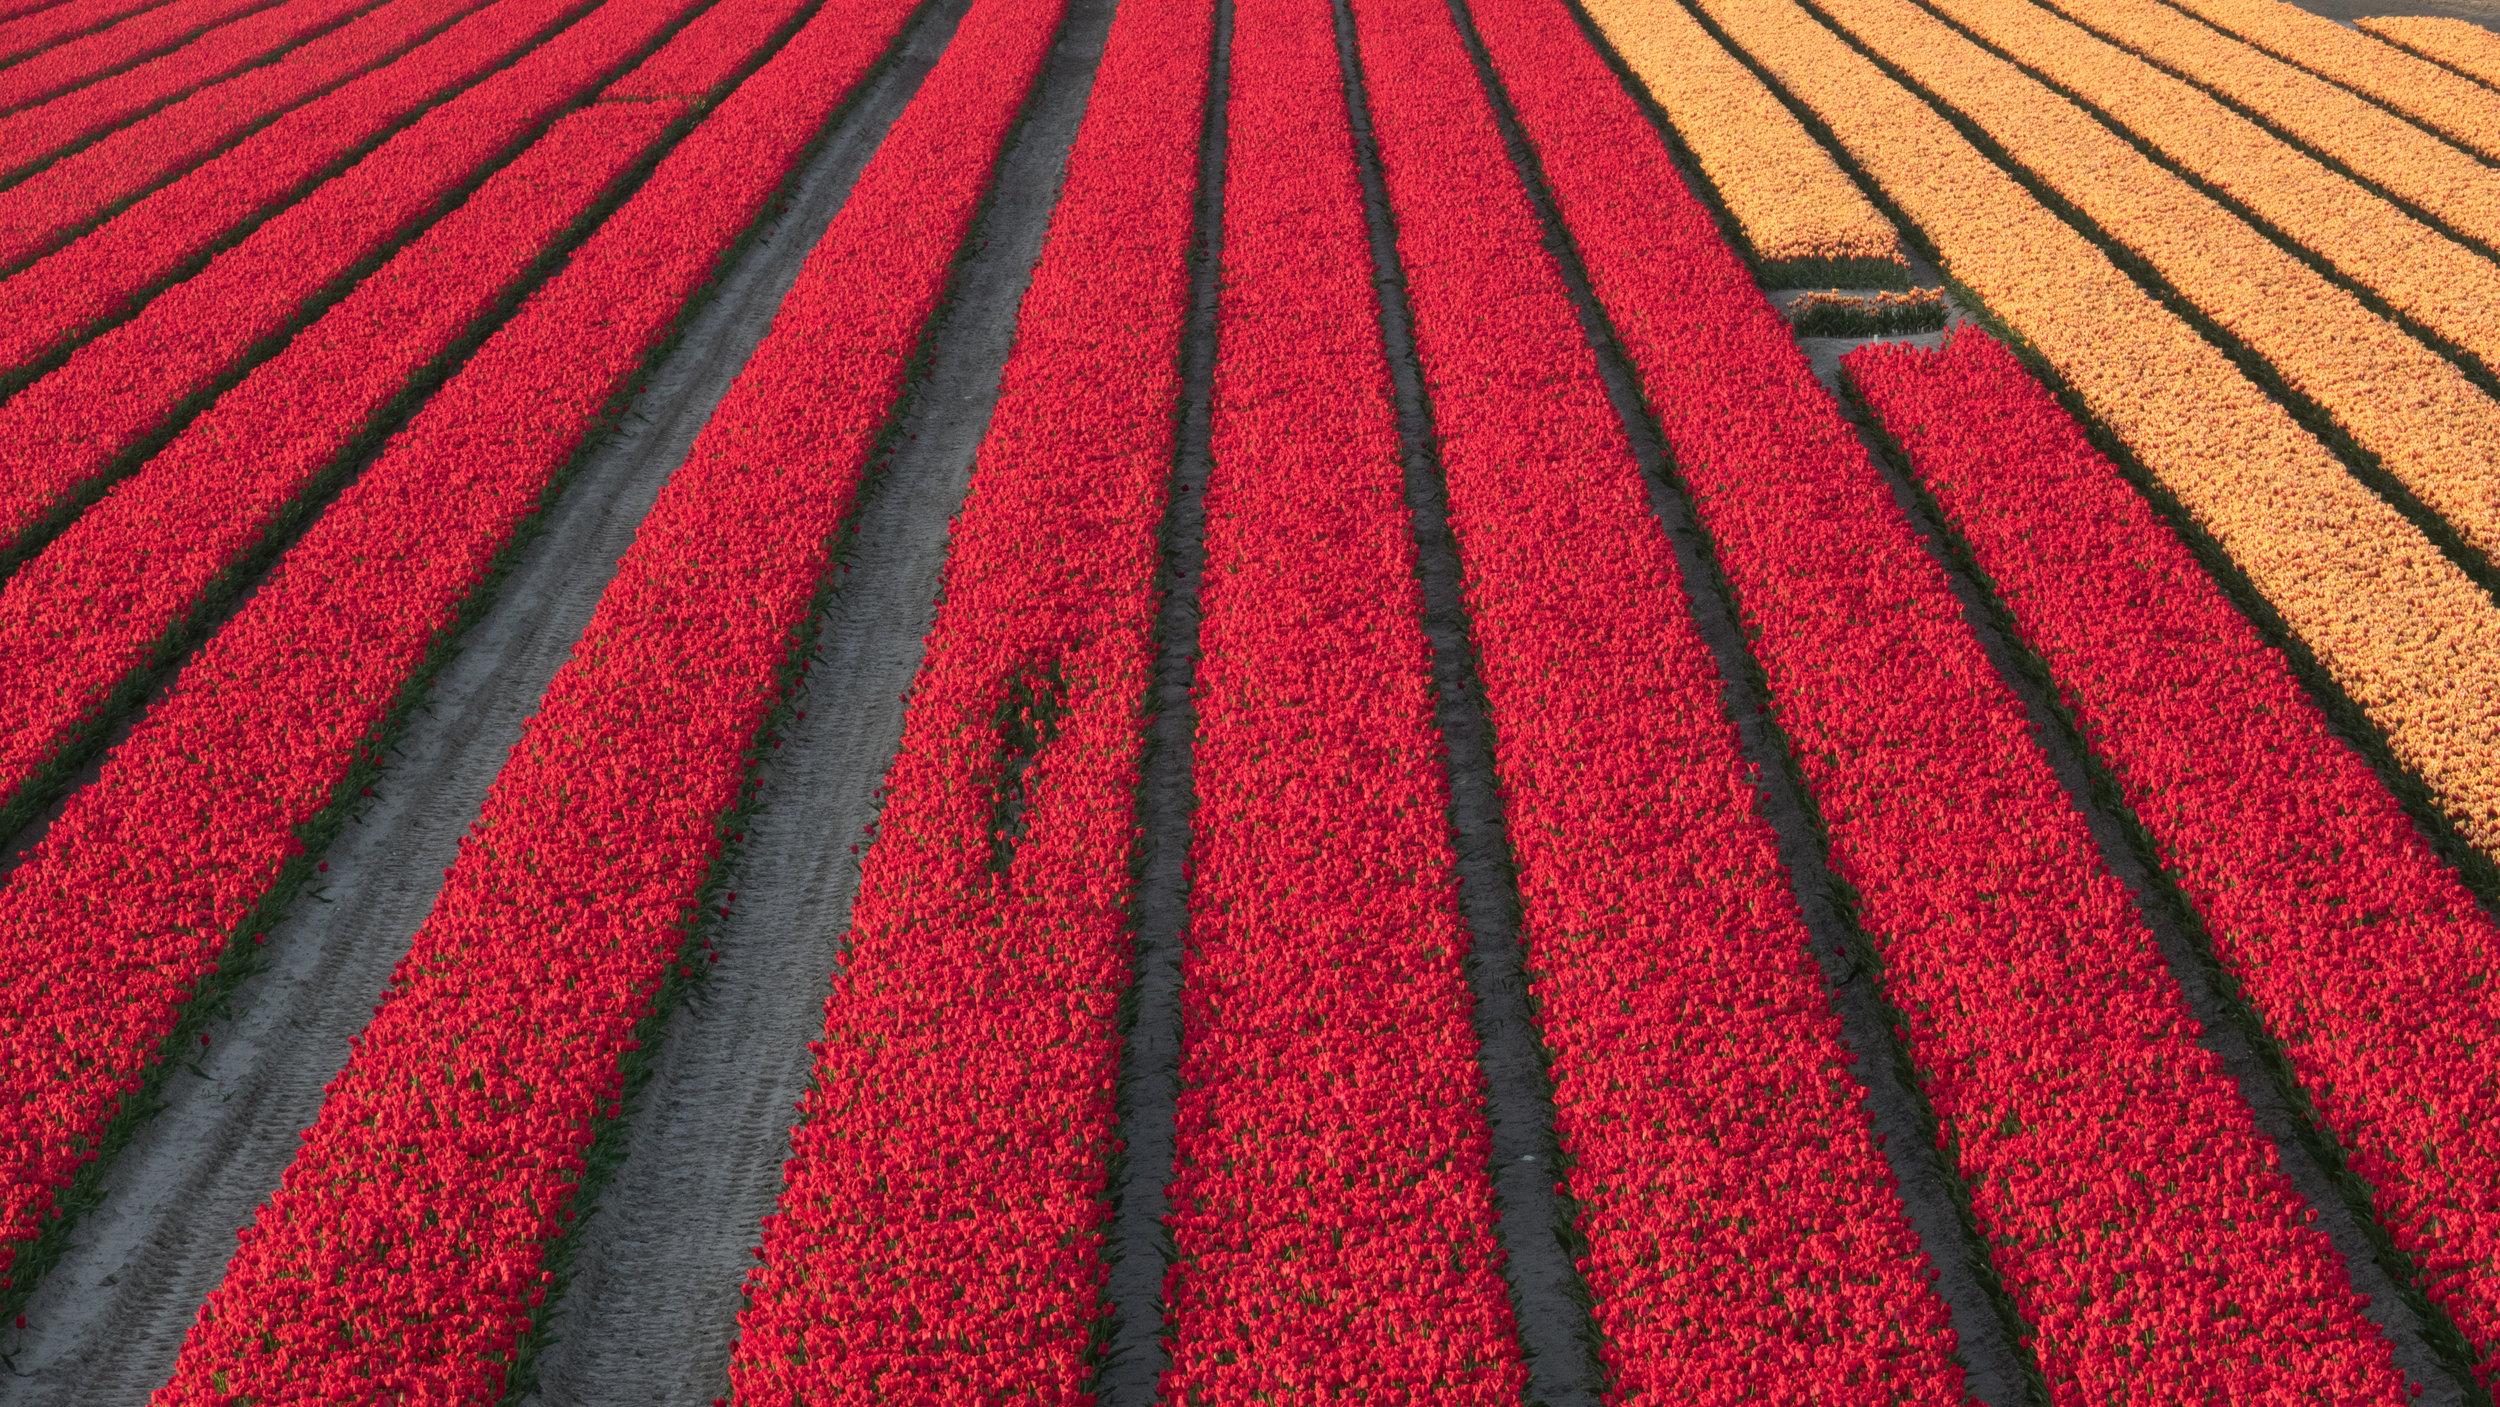 Deze foto is nog van vorig seizoen. Kijk toch eens hoe knap de tulpenvelden zijn als ze in volle bloei staan.